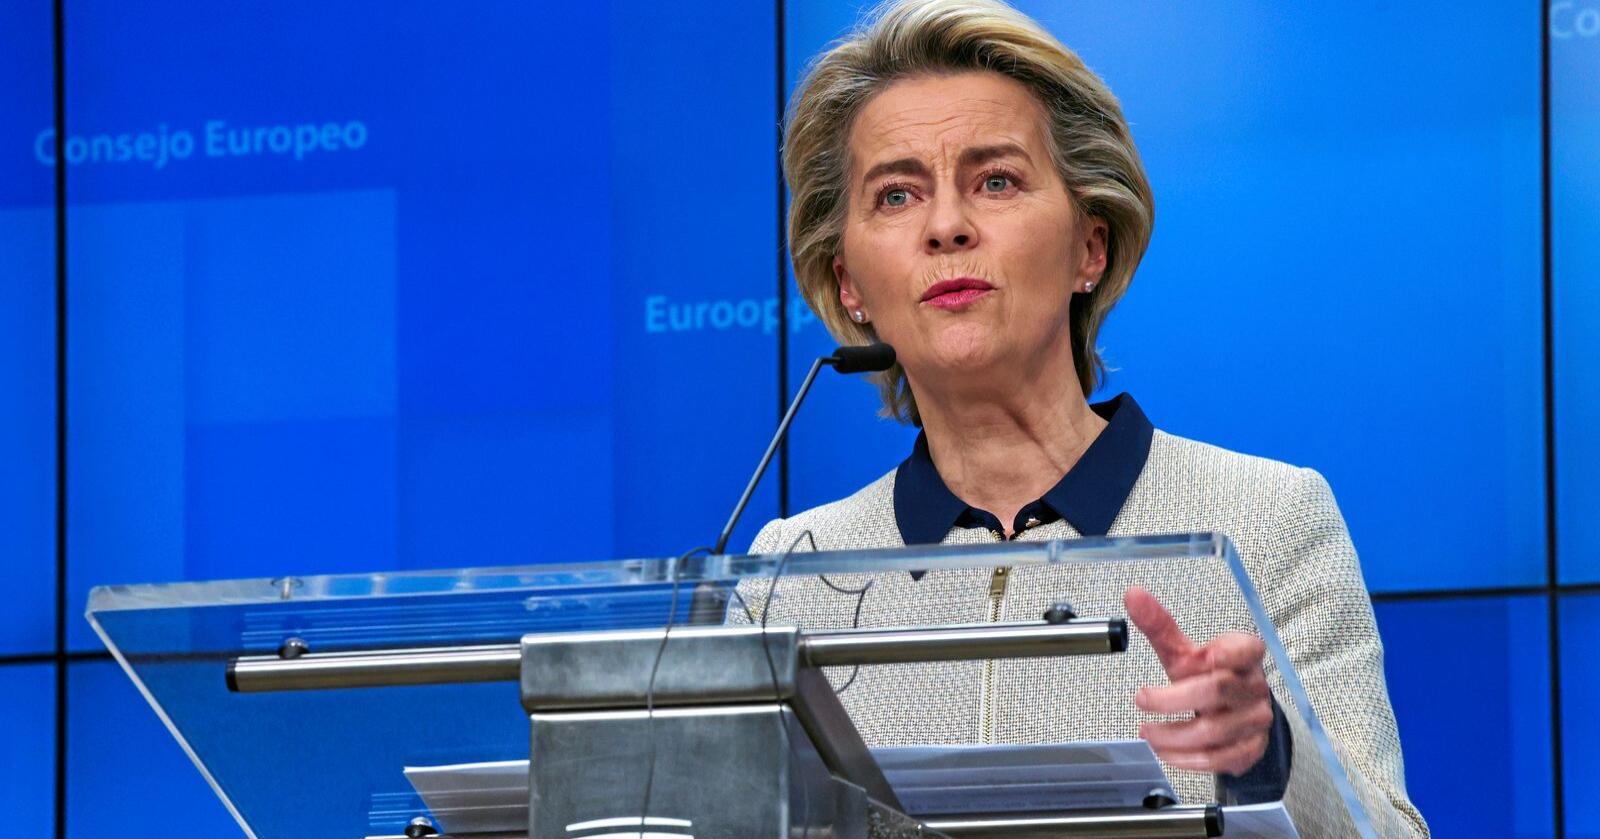 Aggresivt: President i EU-kommisjonen, Ursula von der Leyen, rasler med sablene i kampen om ressursene i Svalbardsonen. Foto: Olivier Matthys/AP Photo